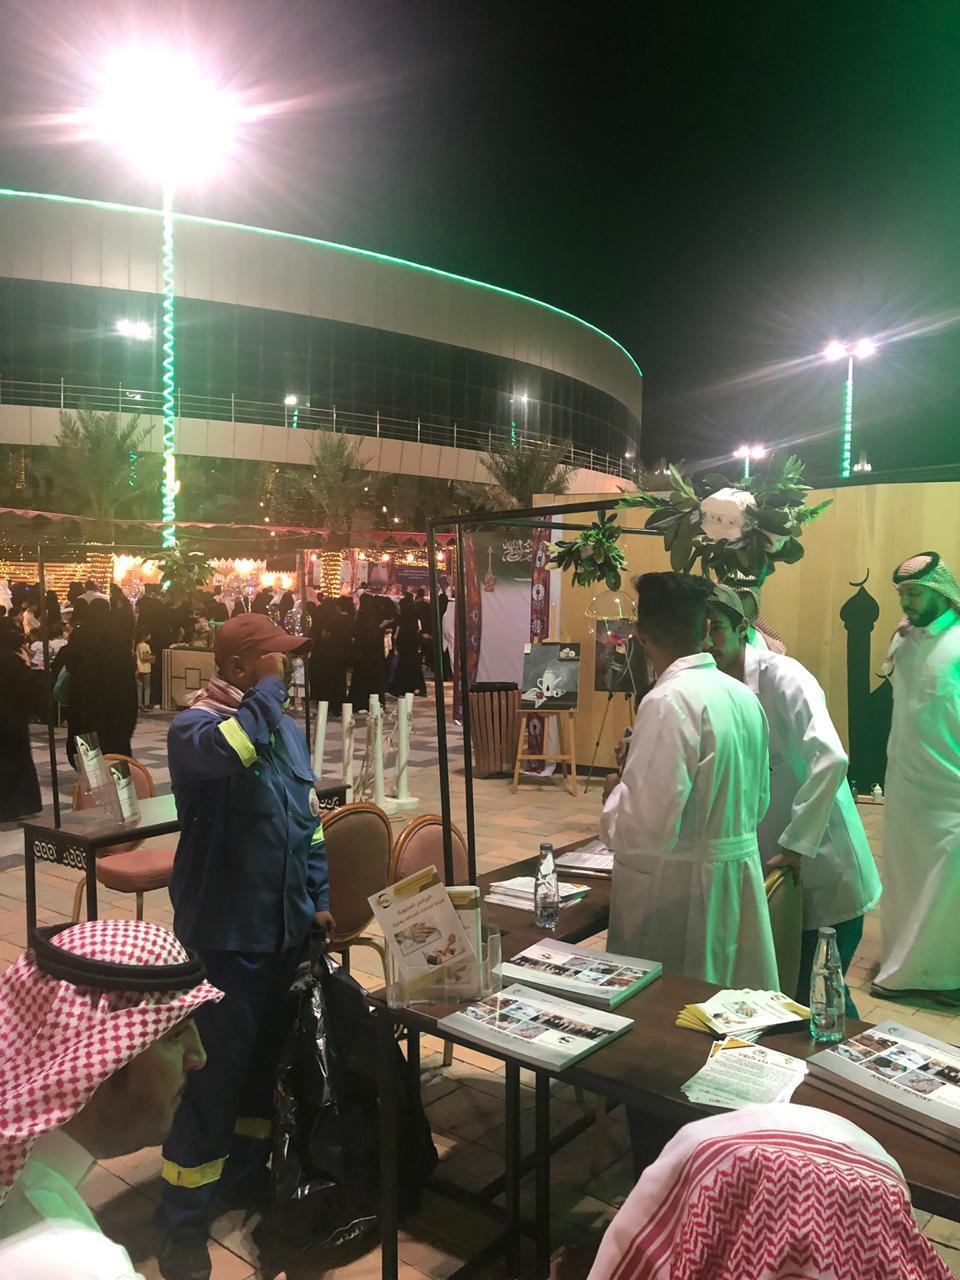 مشاركة فاعلة للجنة أصدقاء المرضى في مهرجان ليالي رمضان